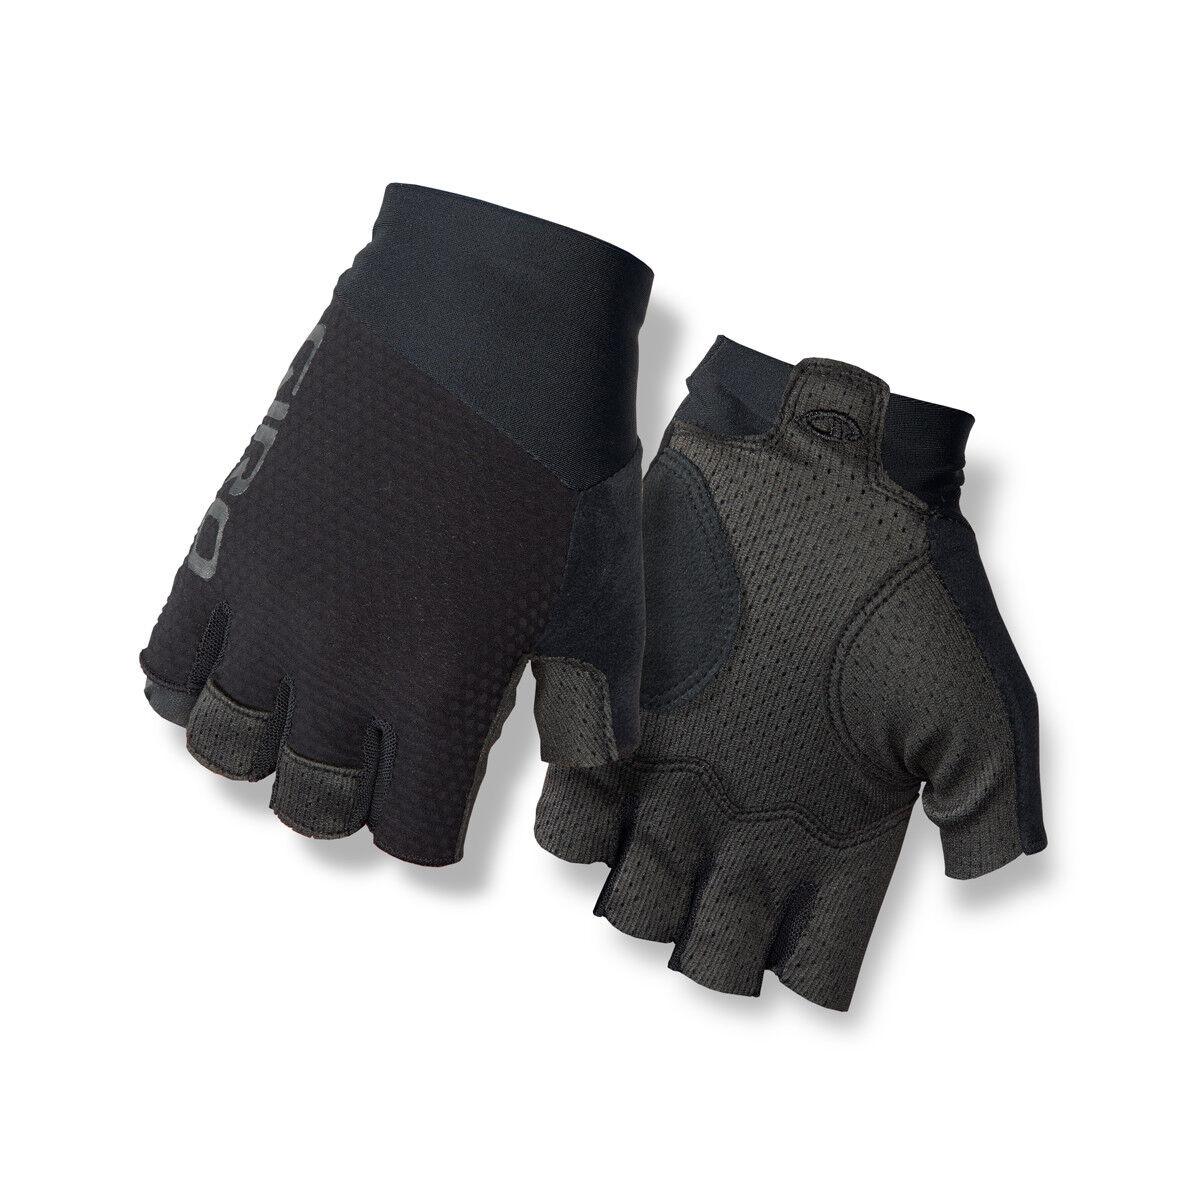 Giro Zero CS Fahrrad Handschuhe kurz black 2019